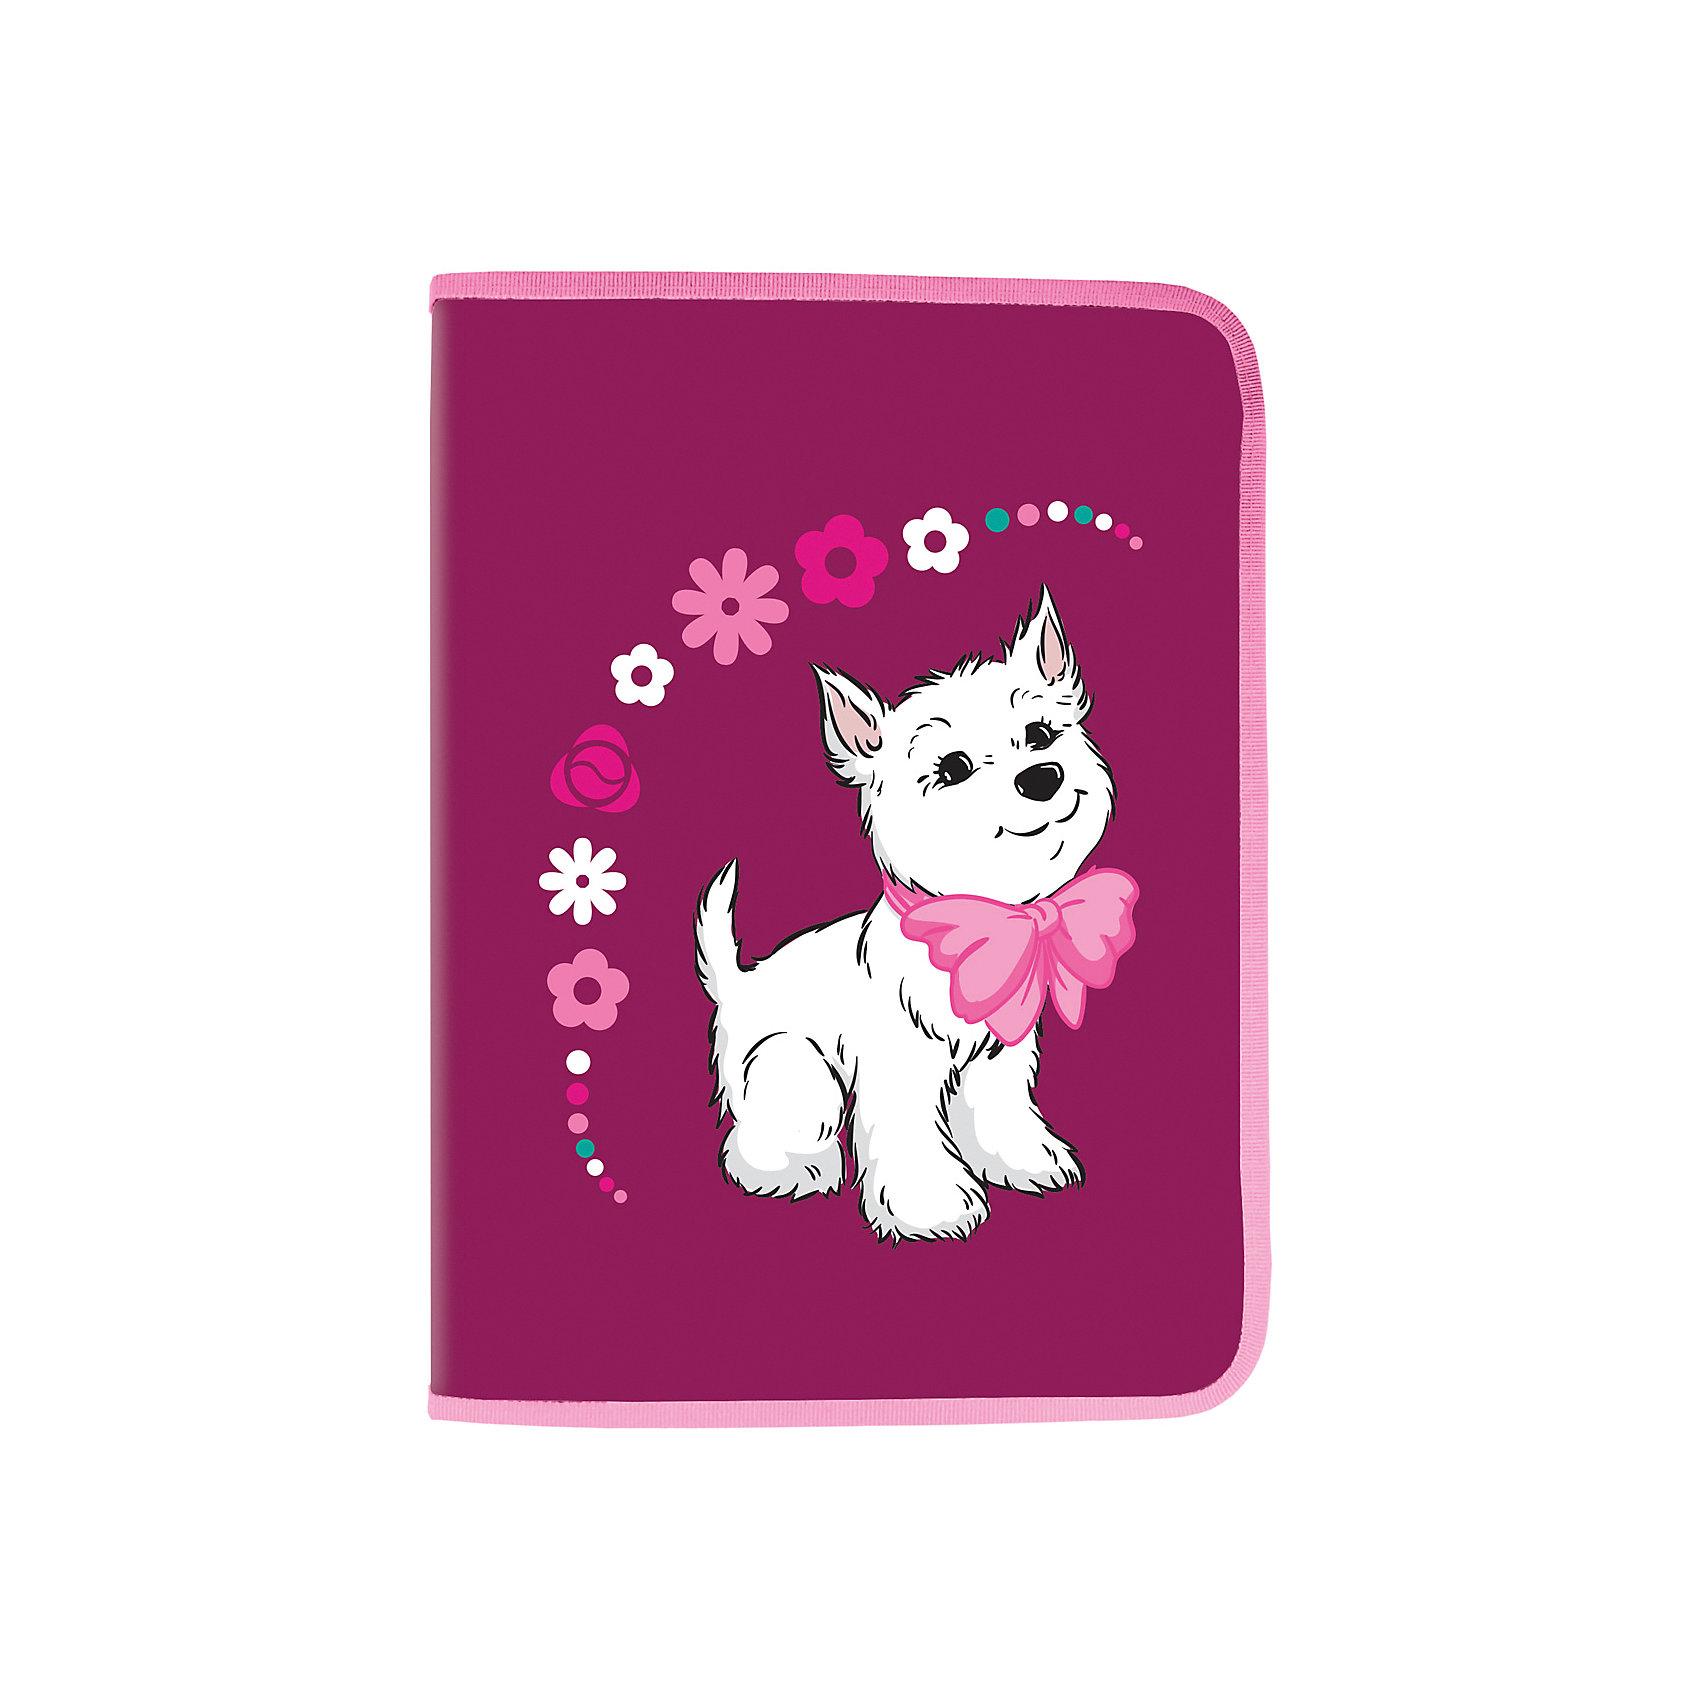 Папка для труда Brauberg ЩенокПапки для труда<br>Папка для труда Щенок предназначена для девочек 7-10 лет. Она выполнена в розово-бордовых тонах и украшена цветочным принтом. Милый щенок, изображенный на ней, без сомнения привлечет внимание юных школьниц.•Формат А4 (330х230 мм). •1 отделение. •Материал-полипропилен. •Вкладыш для принадлежностей. •Застежка - молния с трех сторон.<br><br>Ширина мм: 235<br>Глубина мм: 330<br>Высота мм: 12<br>Вес г: 199<br>Возраст от месяцев: 72<br>Возраст до месяцев: 2147483647<br>Пол: Женский<br>Возраст: Детский<br>SKU: 6893814